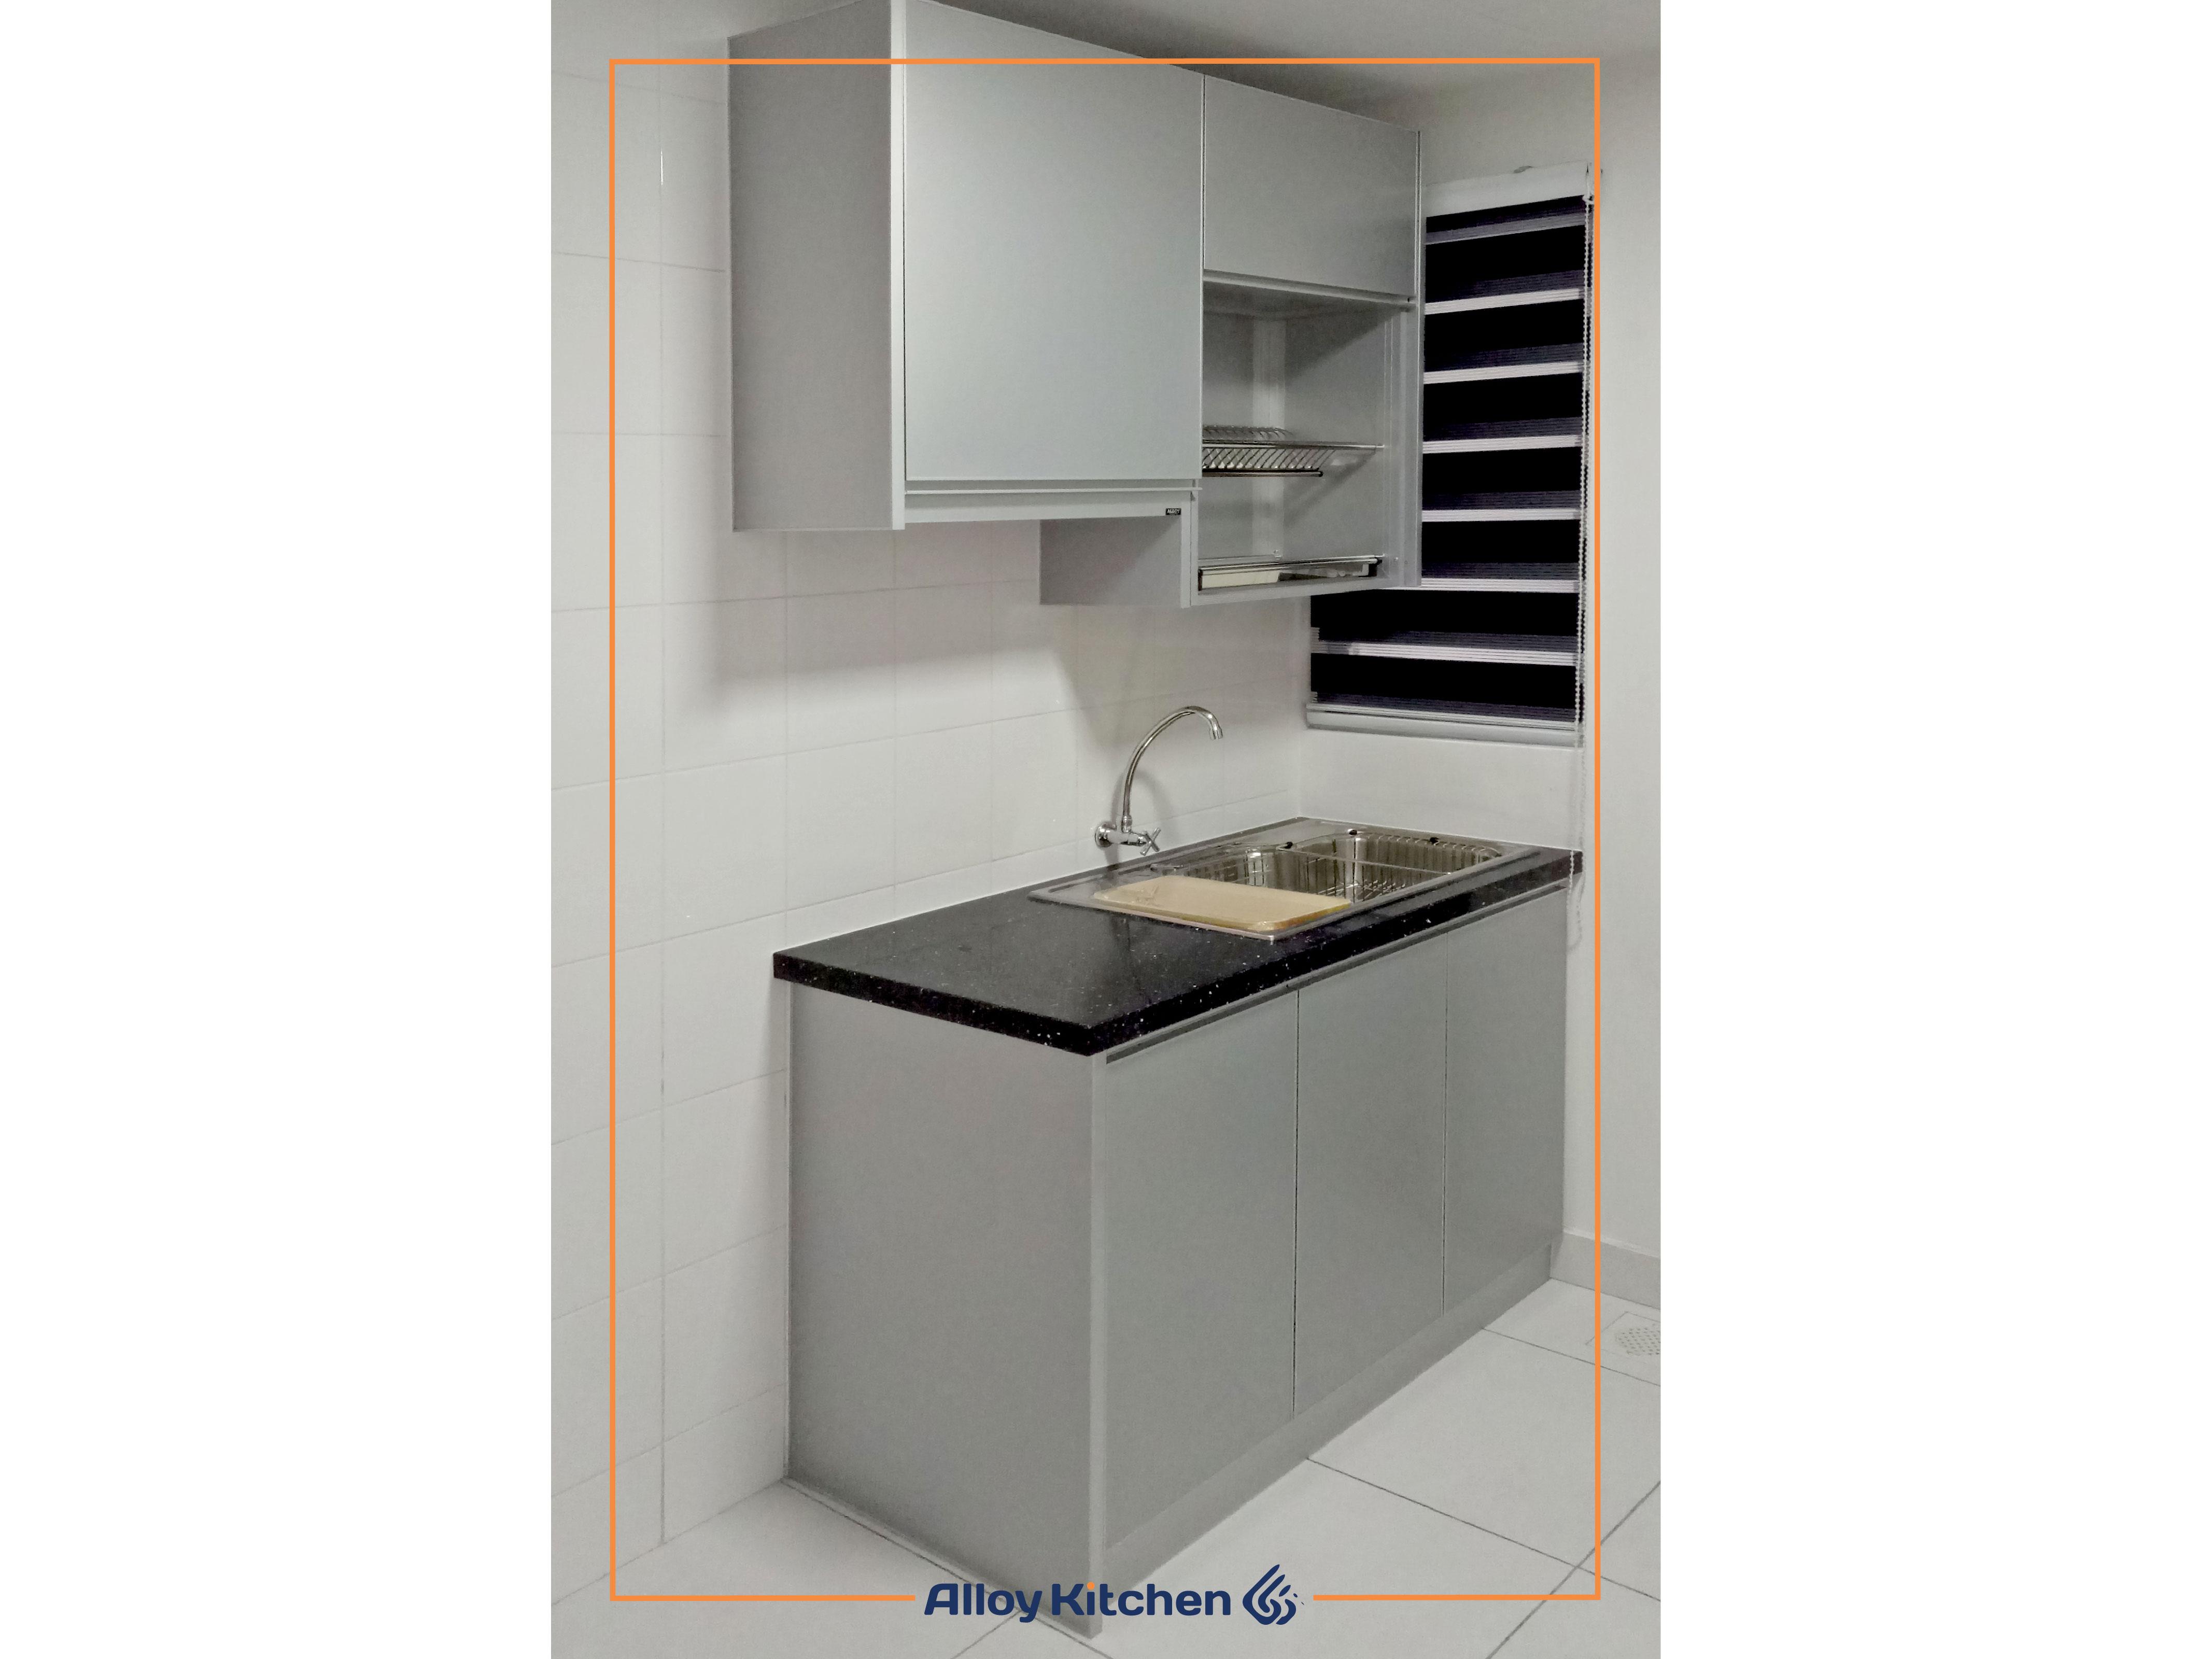 Alloy_Kitchen_Aluminium_Kitchen_Cabinet / Alloy Kitchen Aluminium Kitchen Cabinet ACP